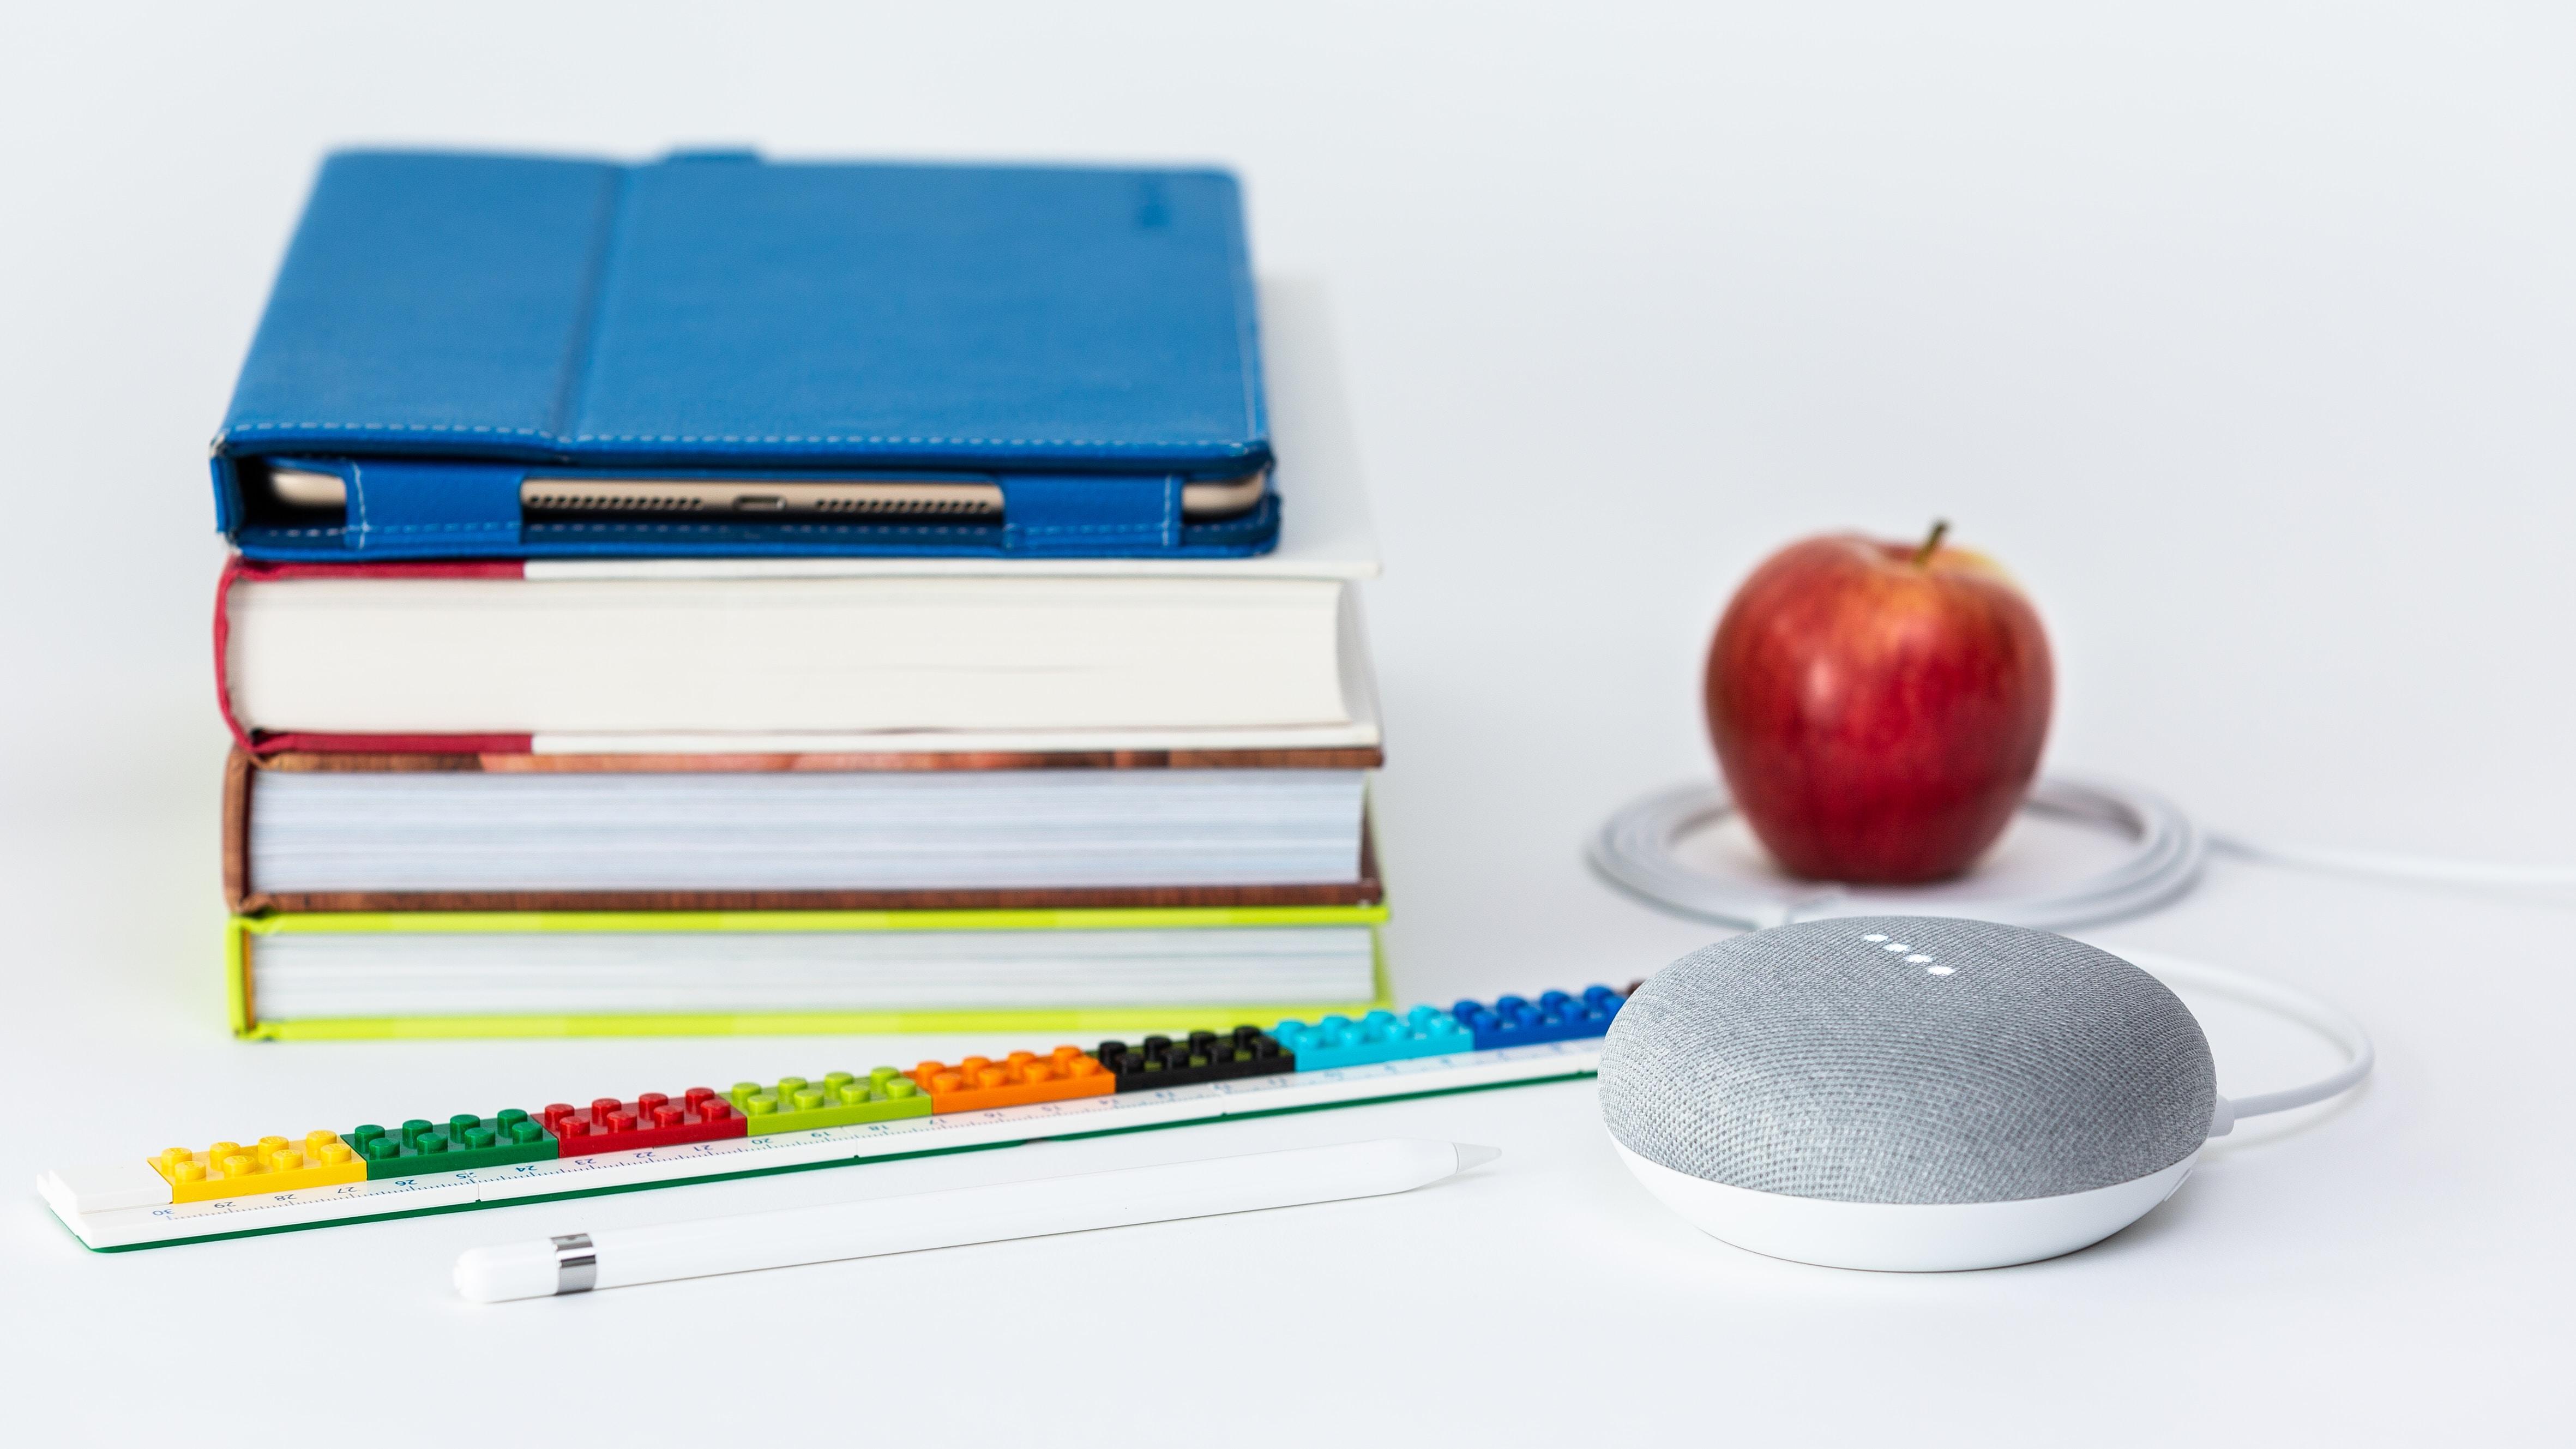 Las compras de la vuelta al colegio - ¿Cómo ahorrar?